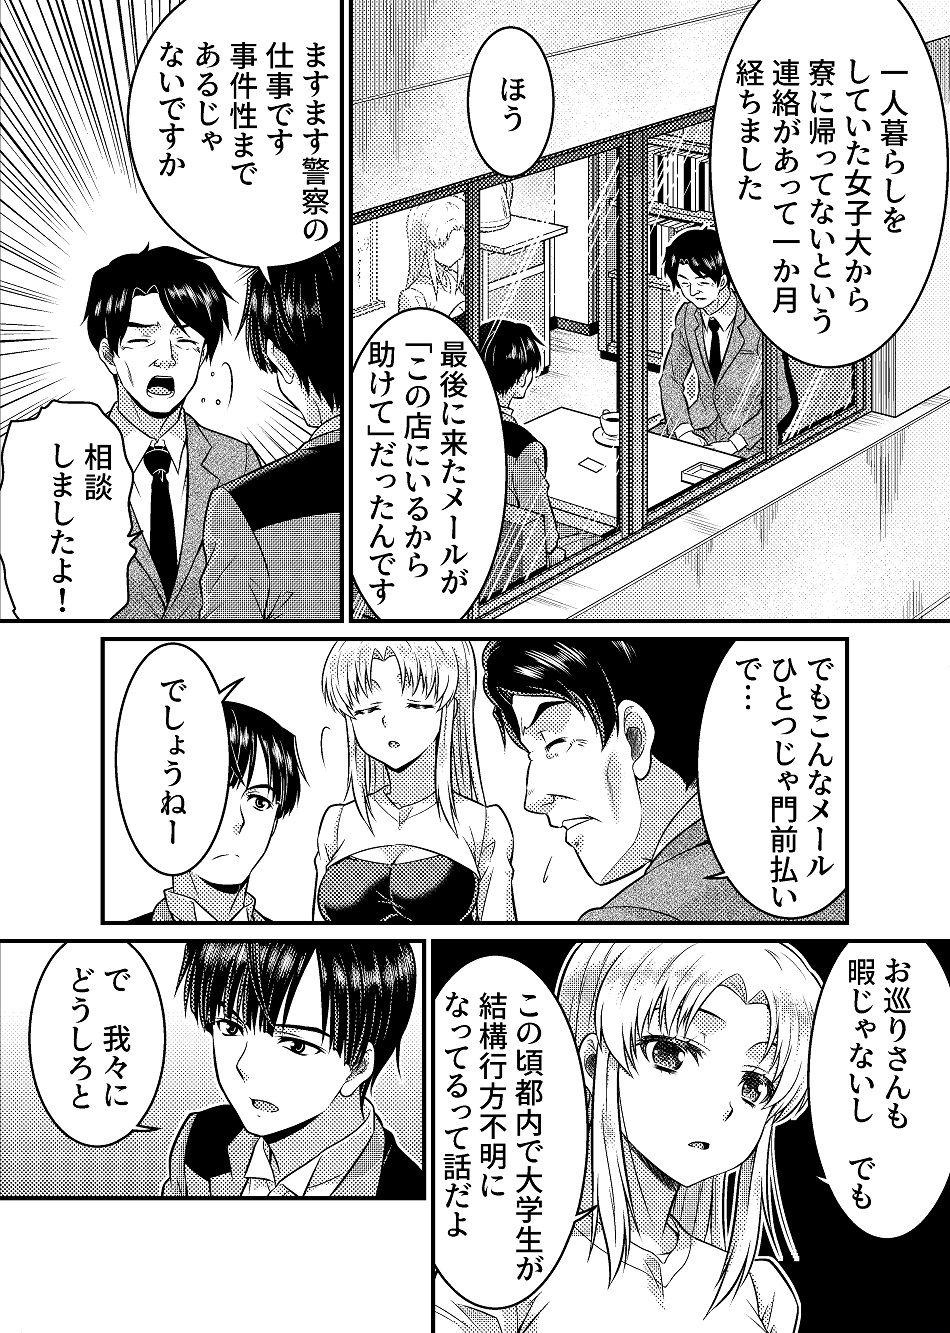 TS探偵新妻浩美 大学生失踪事件を追え!戦慄のバニーガール5